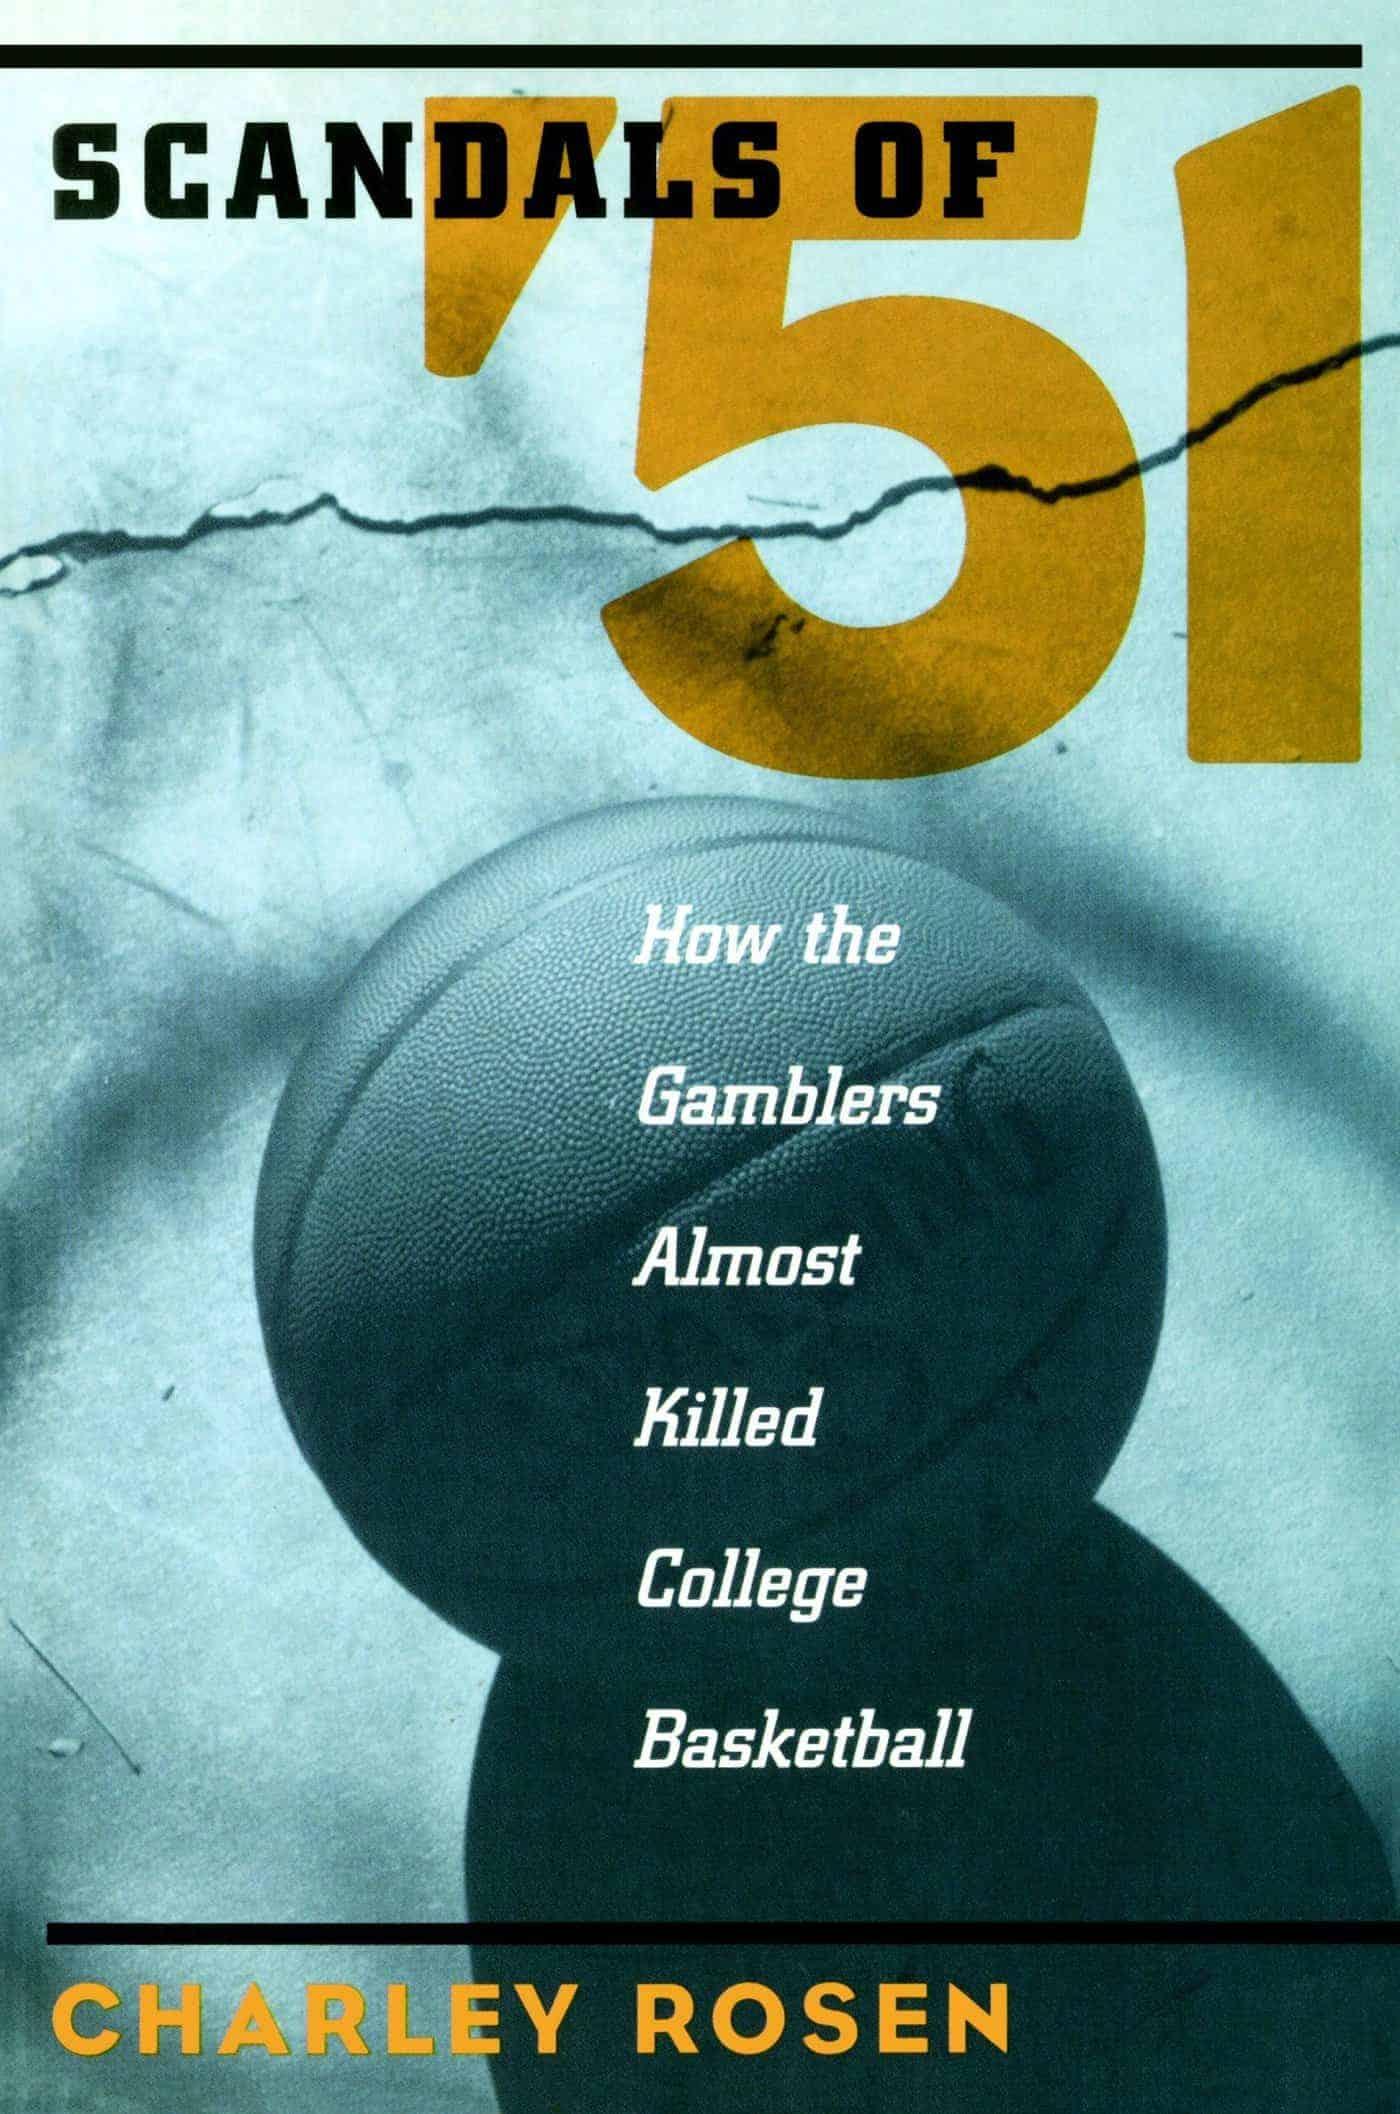 Gli scandali del '51, l'incubo del college basket